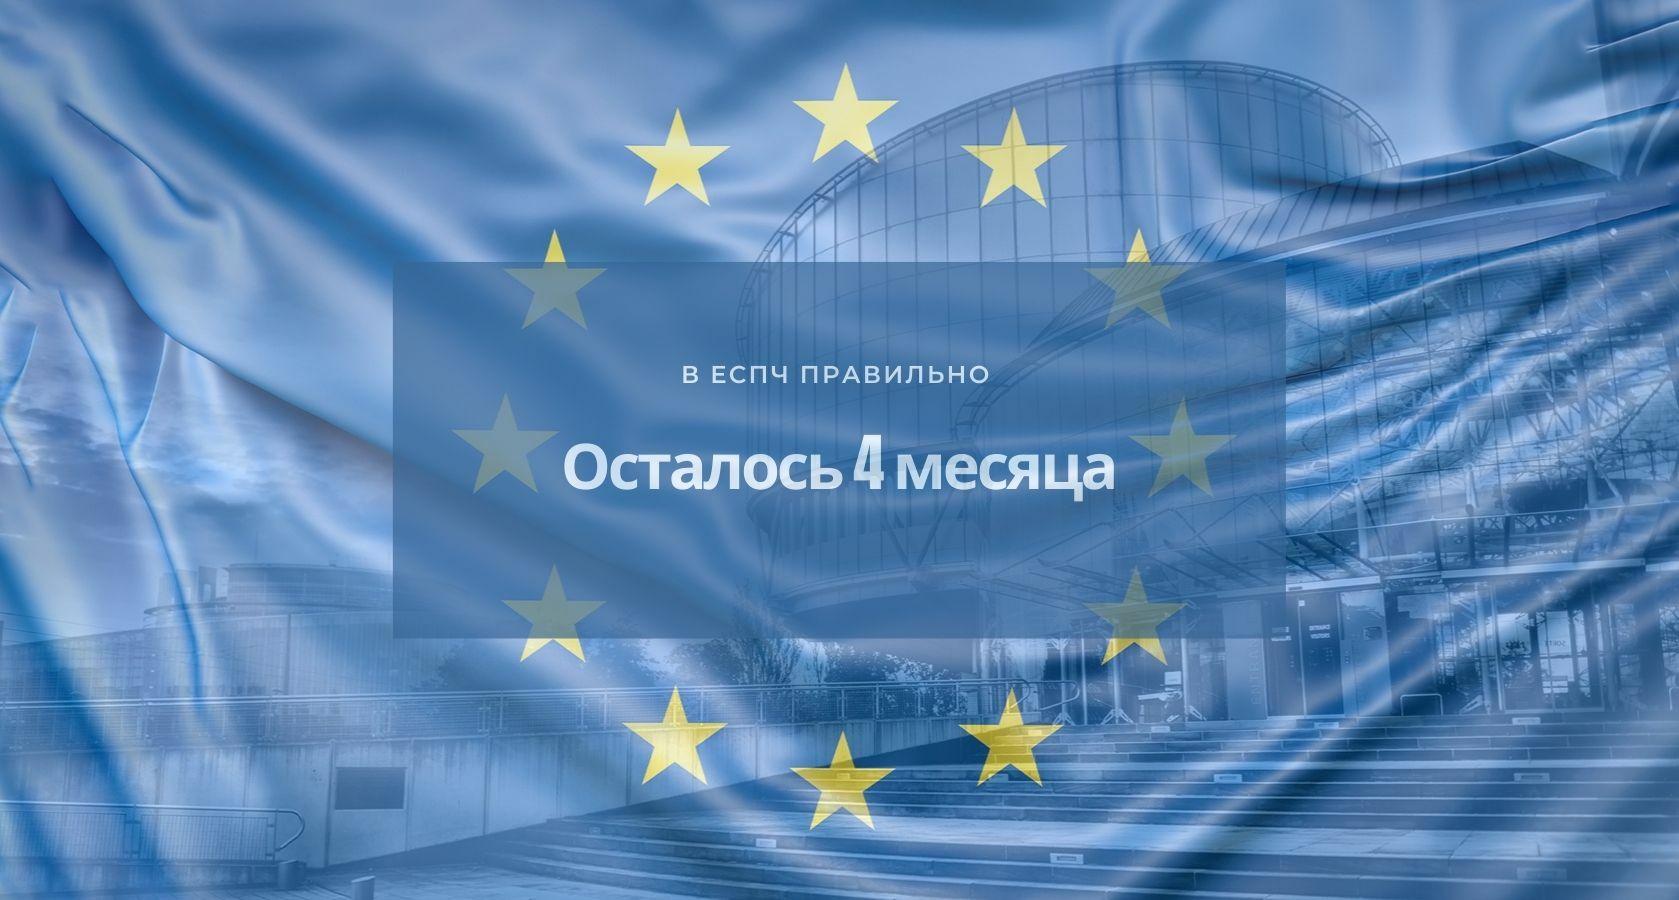 Срок на обращение в Европейский Суд по правам человека будет сокращен с 6 месяцев до 4.